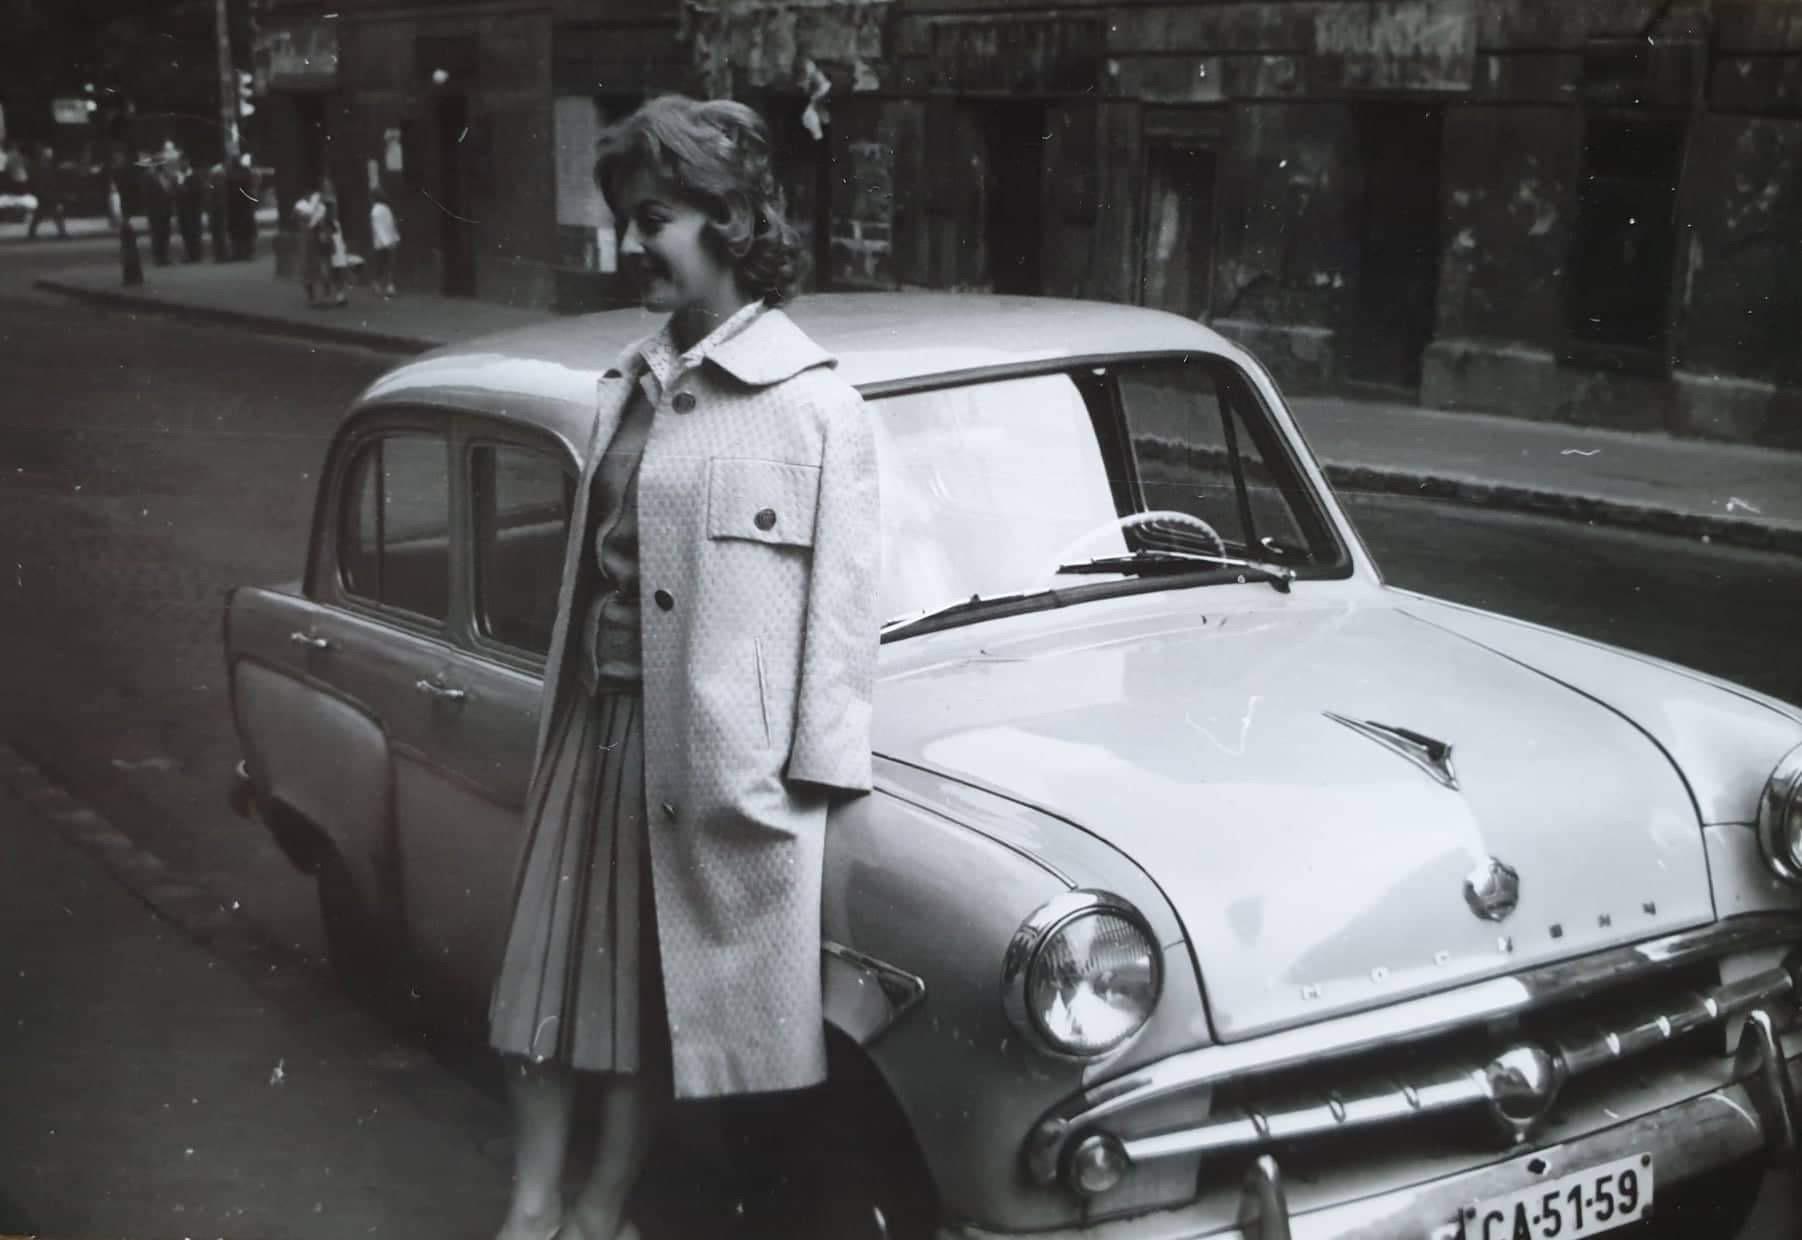 Sárosi Katalin a Szovjetunióban vásárolt Moszkviccsal #moszkvater